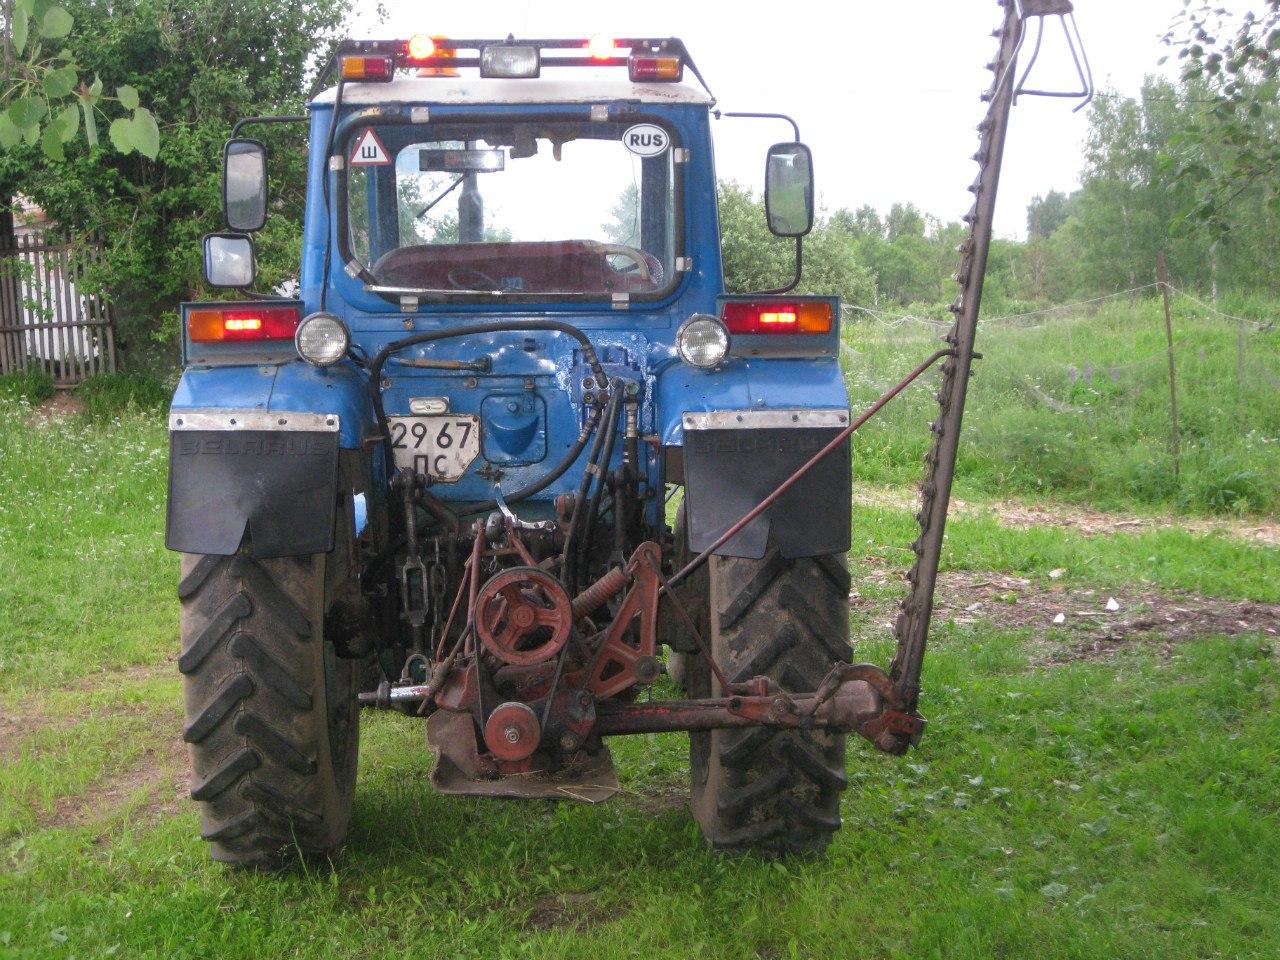 Тюнинг трактора юмз фото